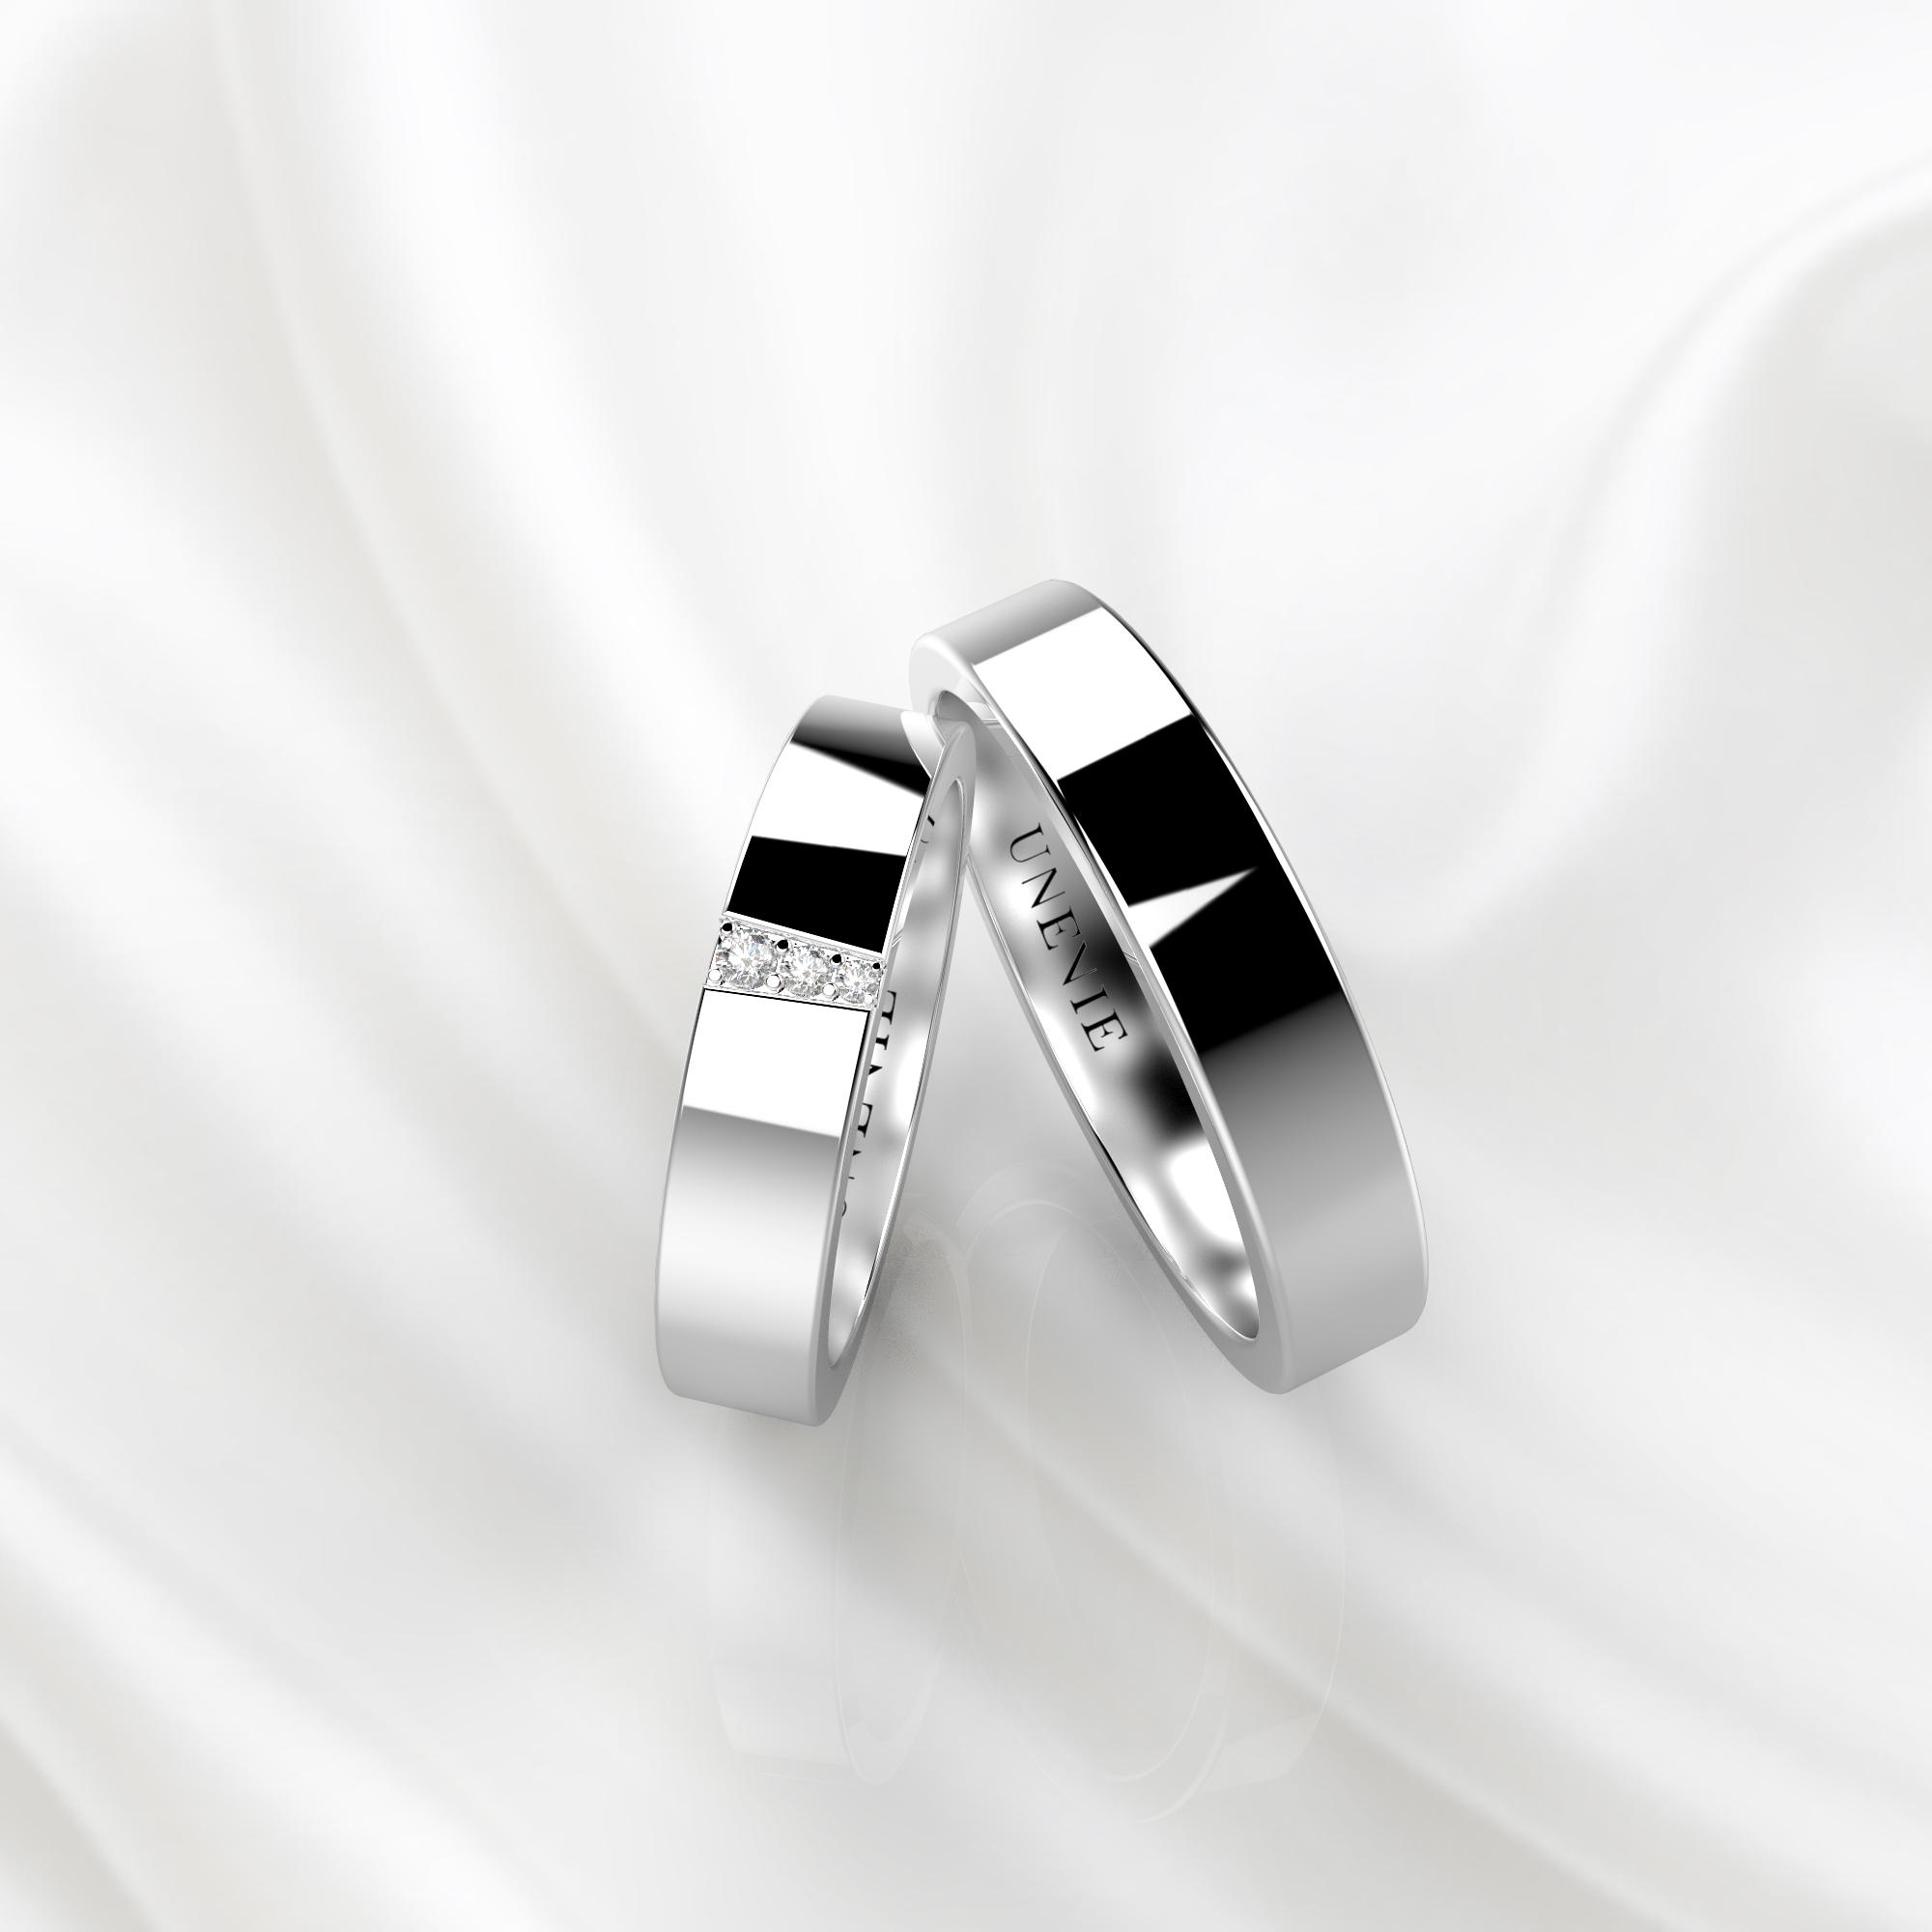 NV43 Обручальные кольца из белого золота с бриллиантами